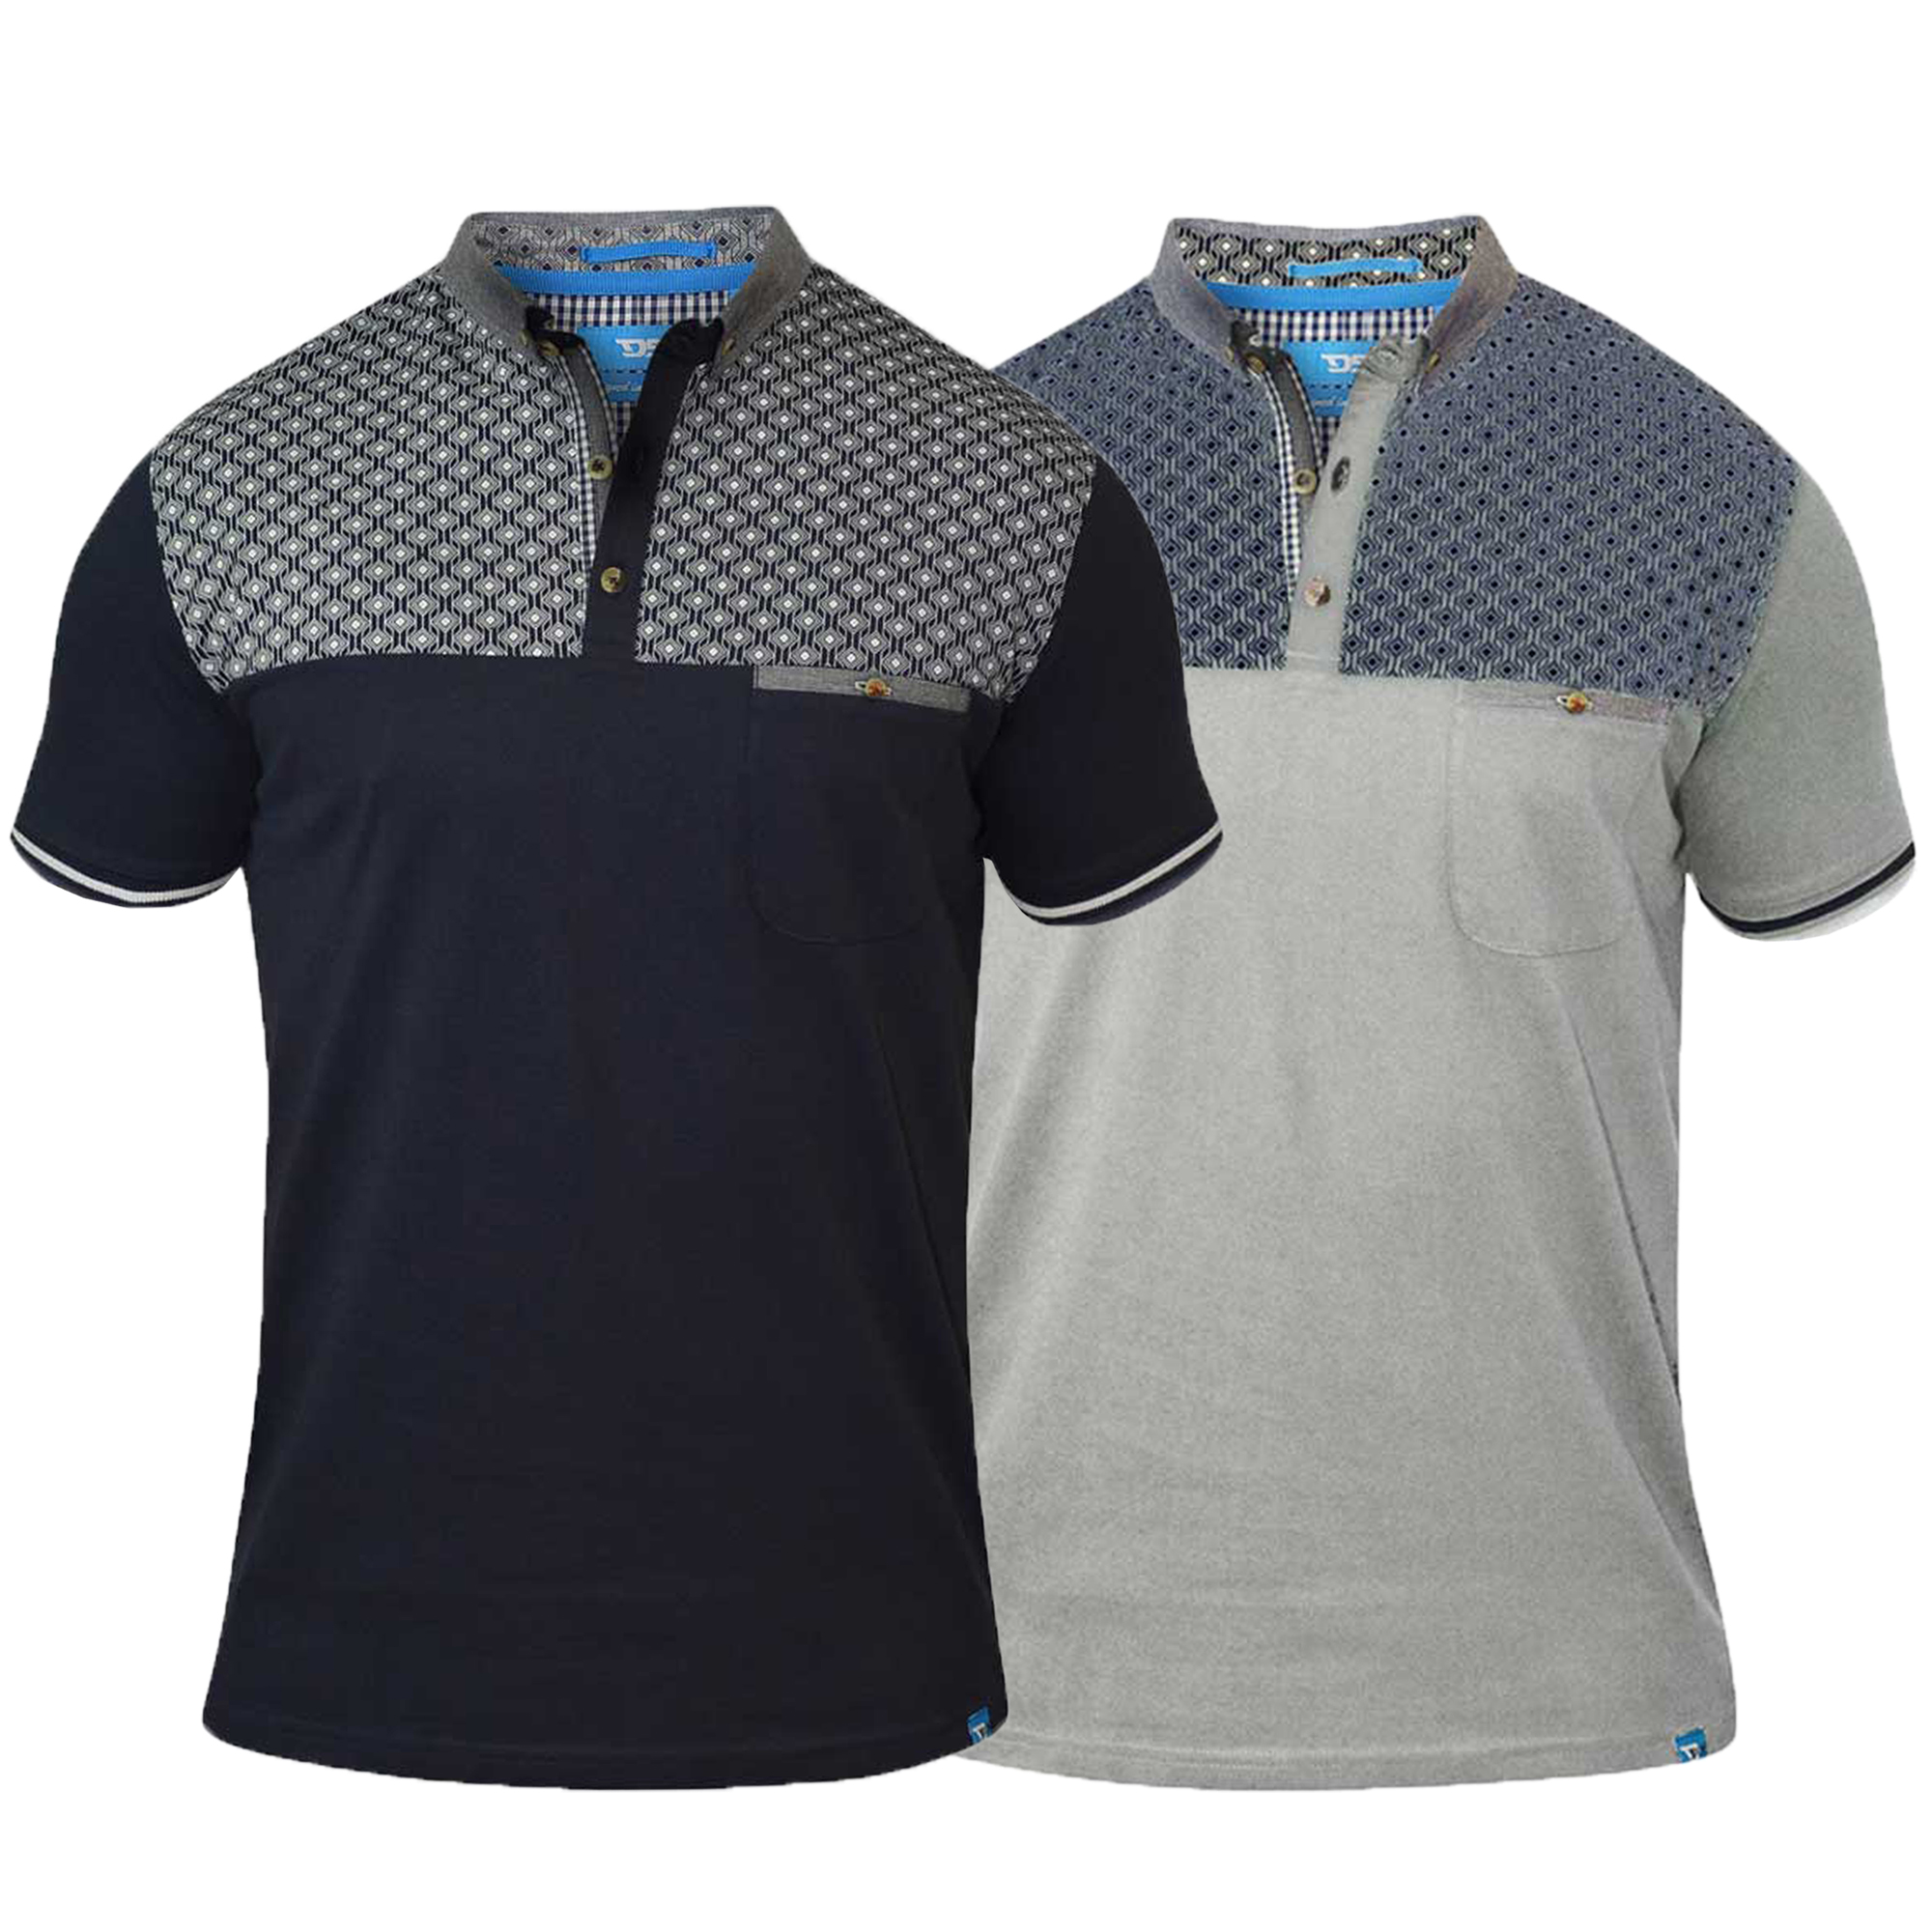 Mens-Polo-T-Shirt-D555-Duke-Short-Sleeved-Chambray-Collared-Big-King-Size-Summer thumbnail 3